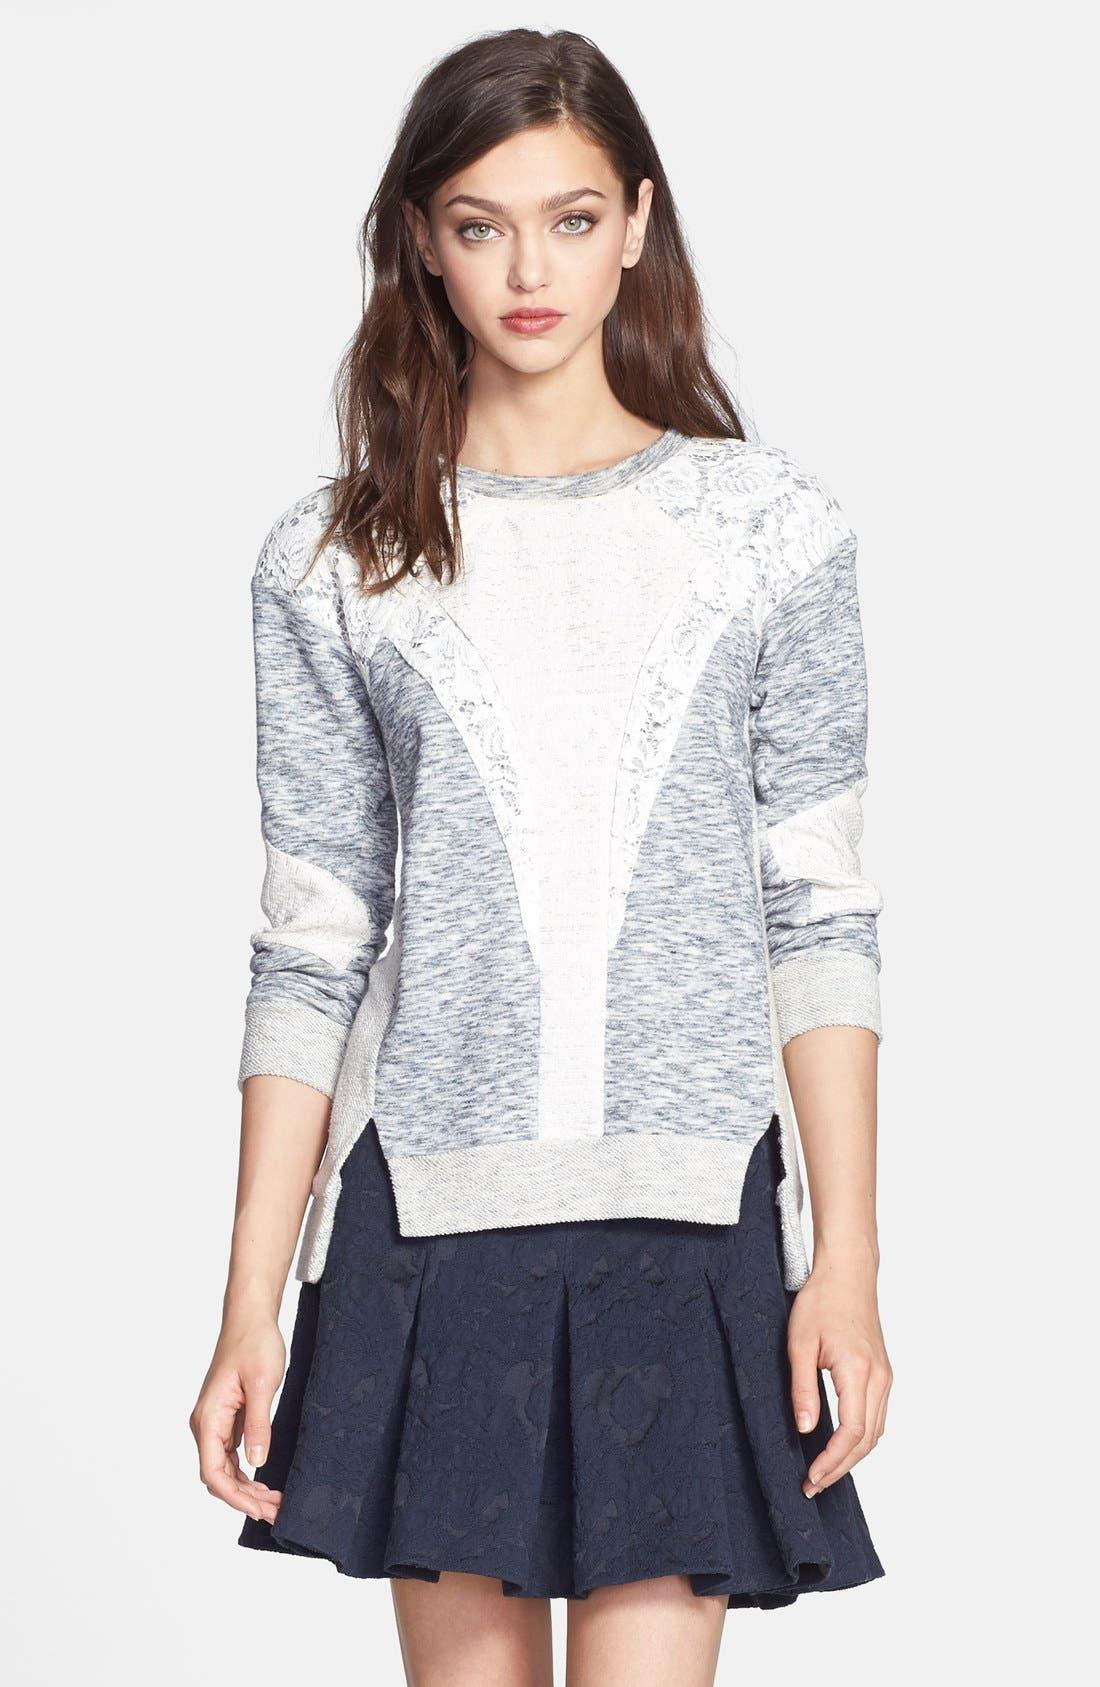 Main Image - Rebecca Taylor Lace Insert Sweatshirt